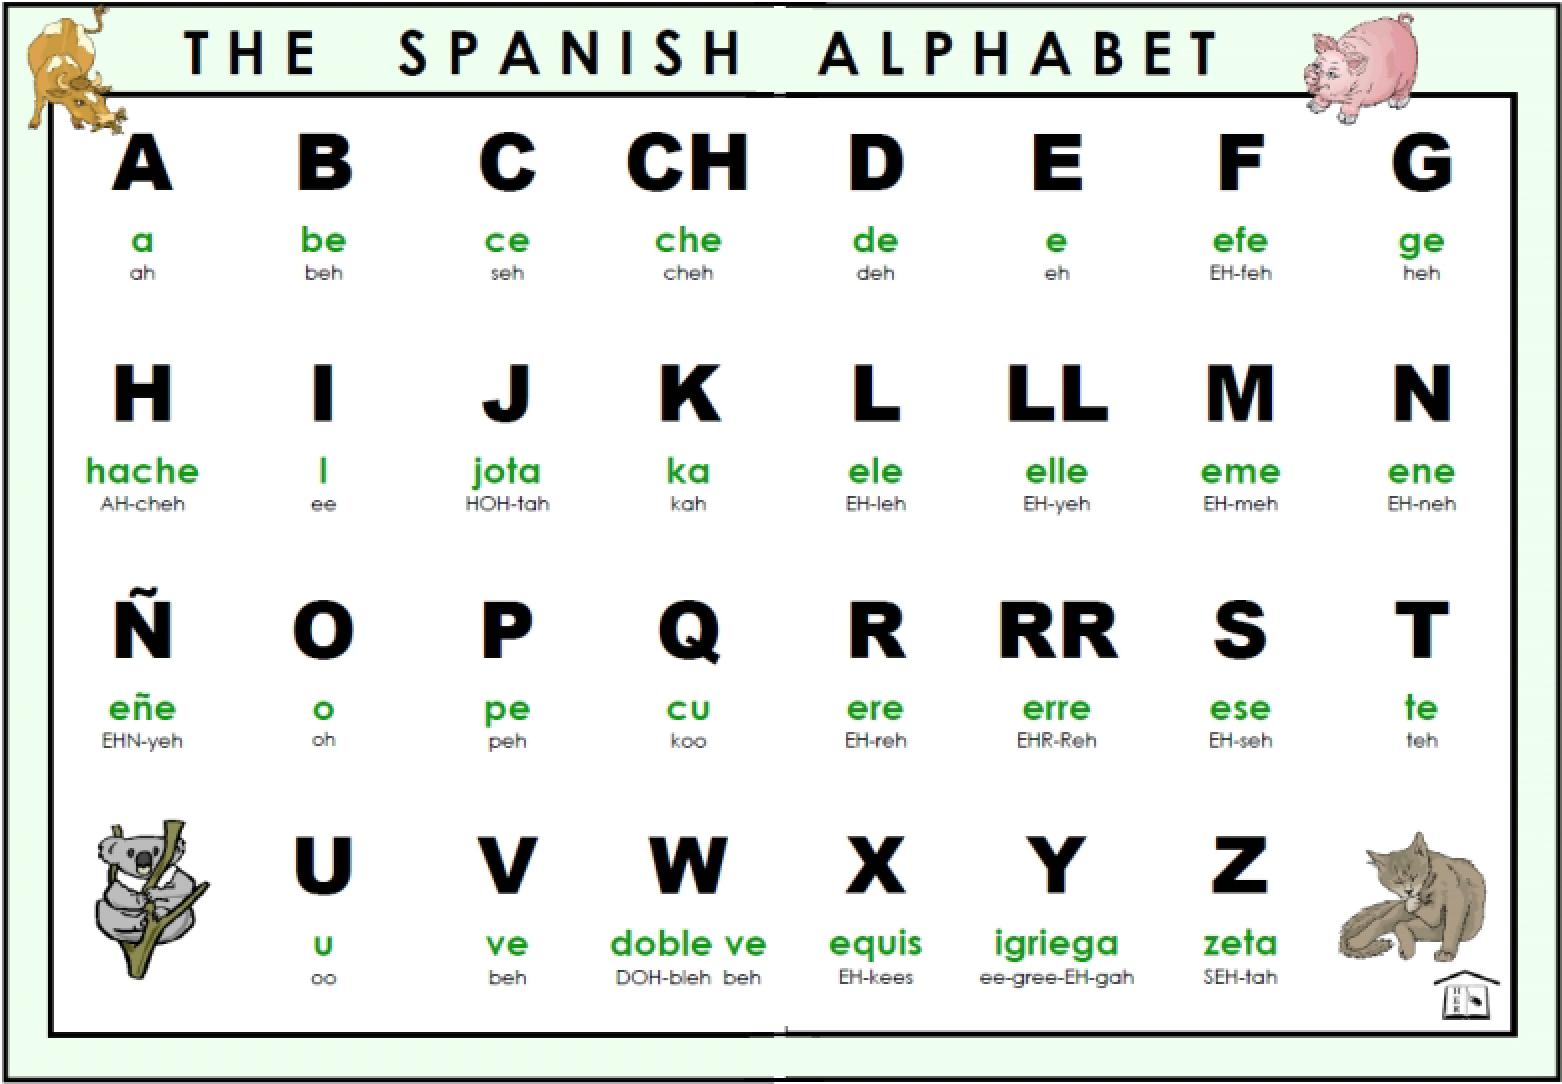 the full spanish alphabet by mora0711 on deviantart